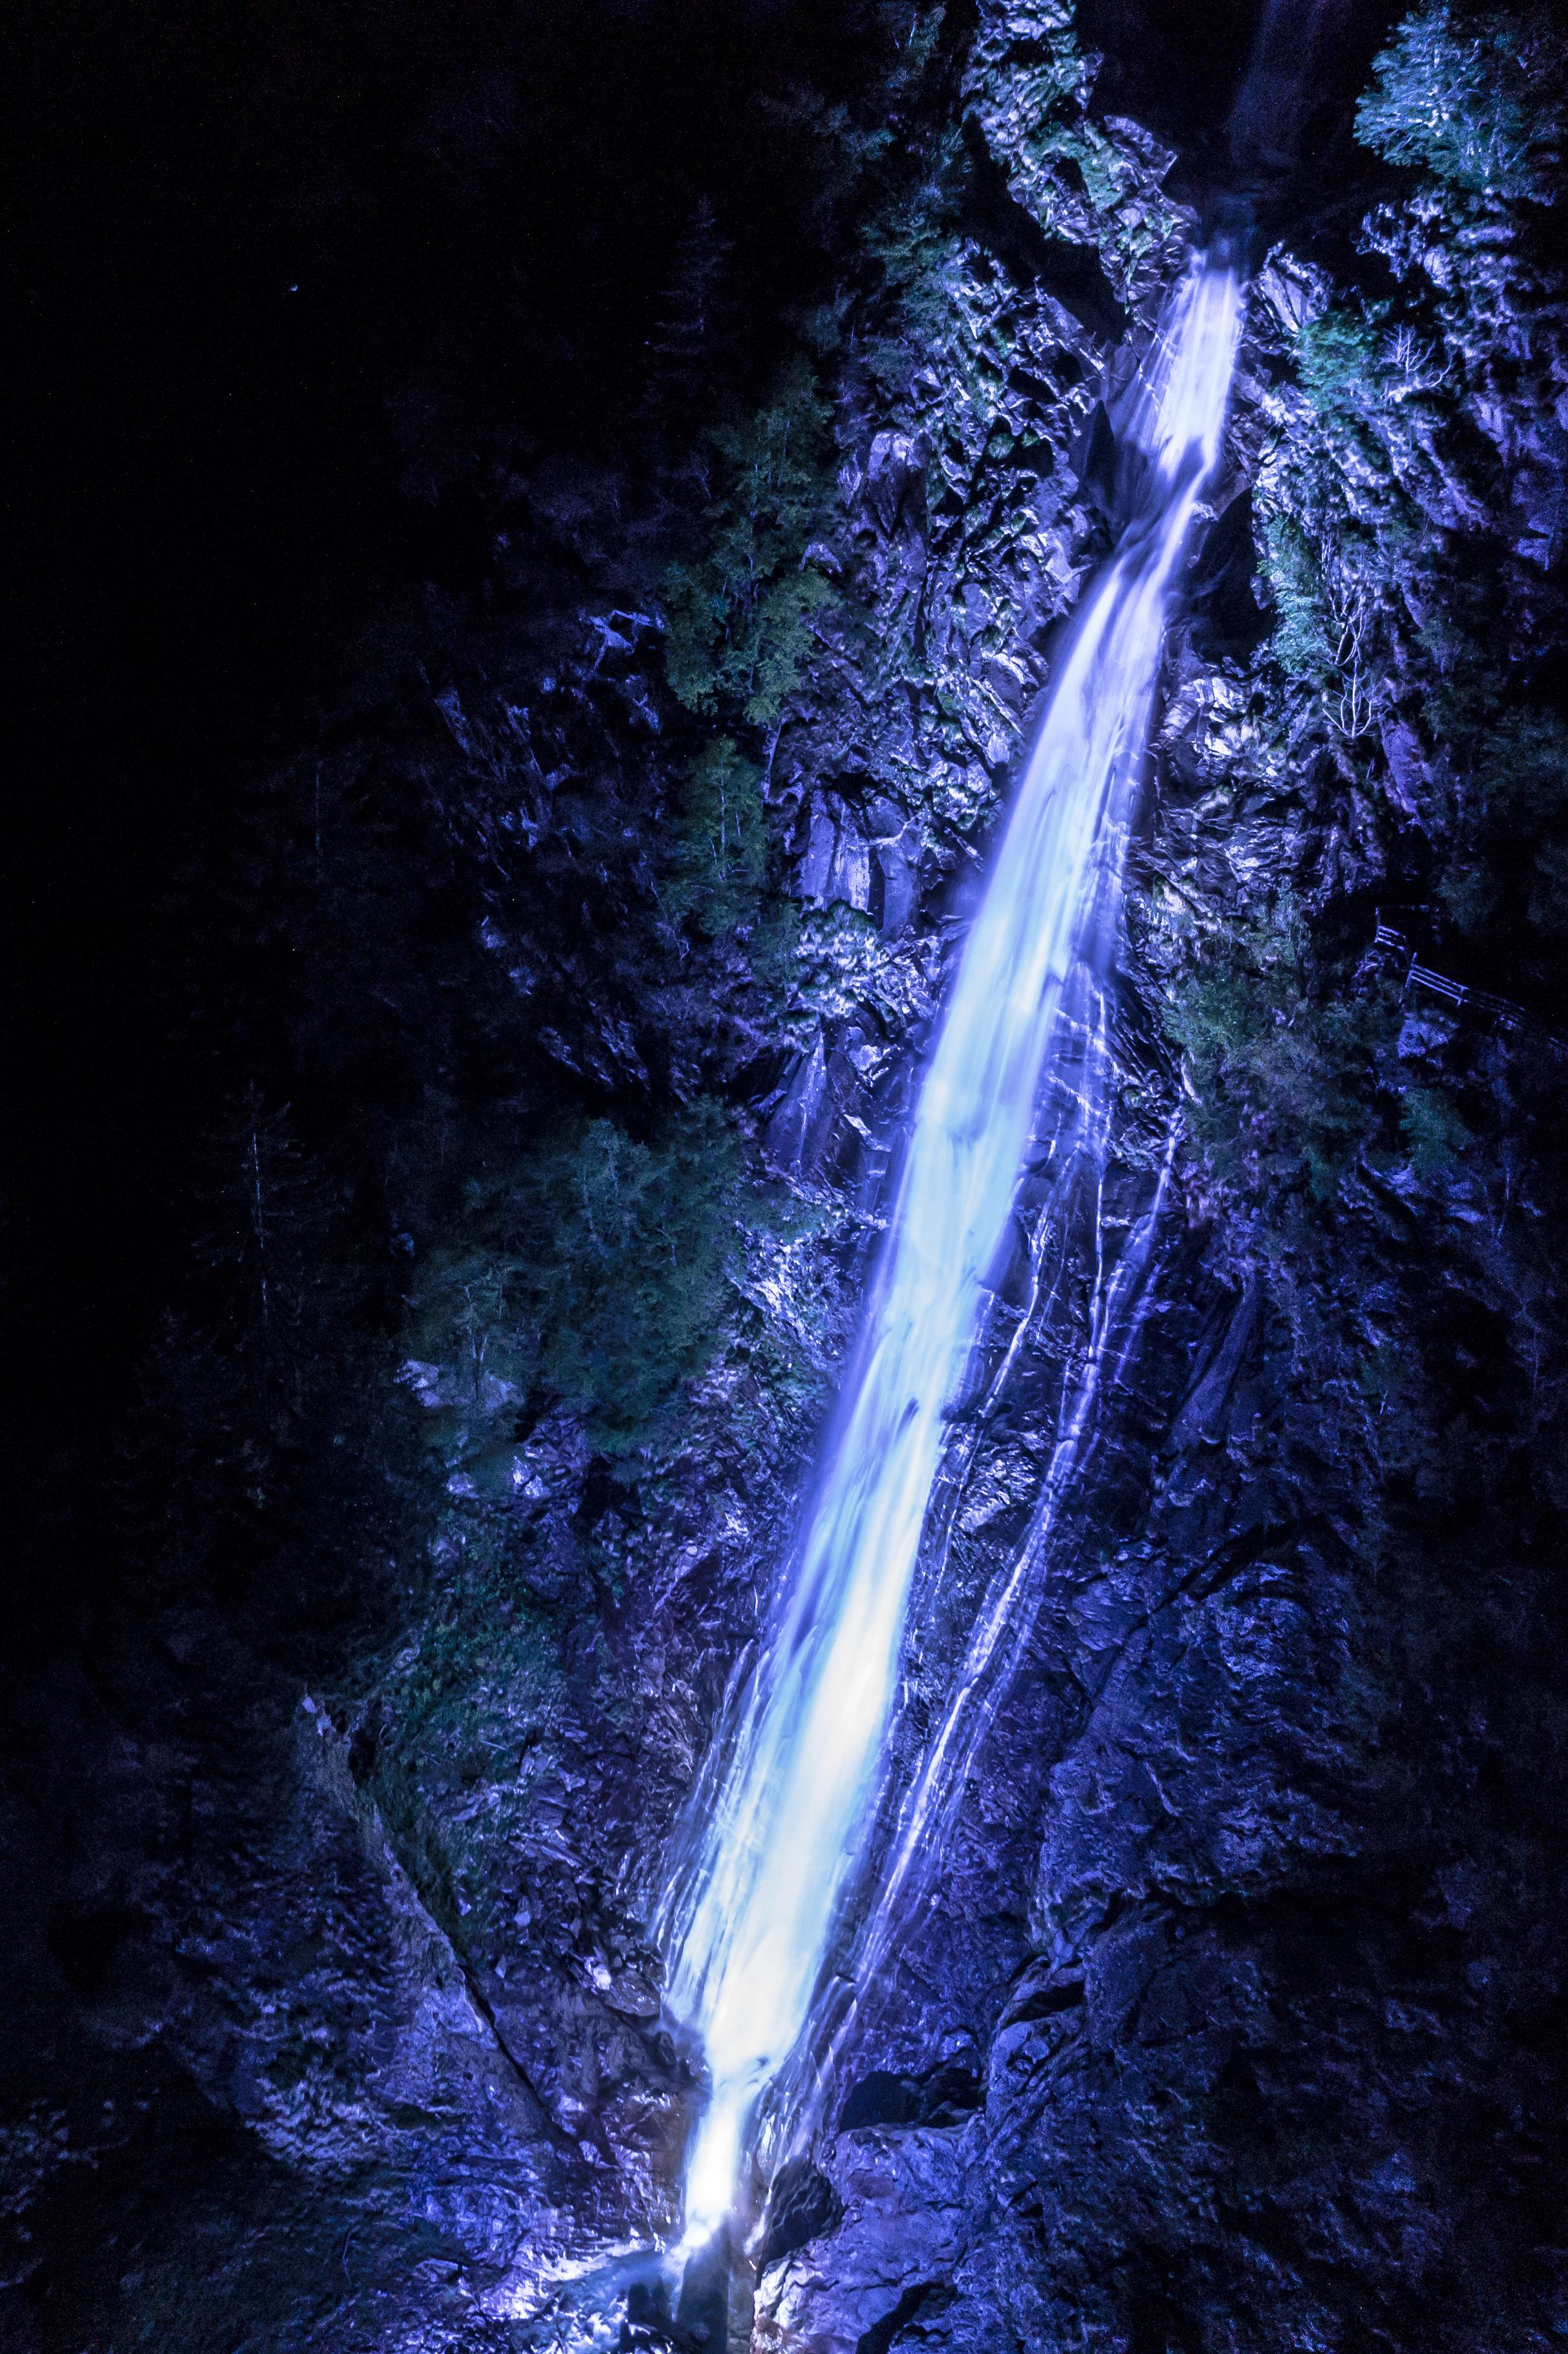 5fd3b68223c12_Im-Rausch-der-Sinne-Partschinser-Wasserfall-5-Kopie